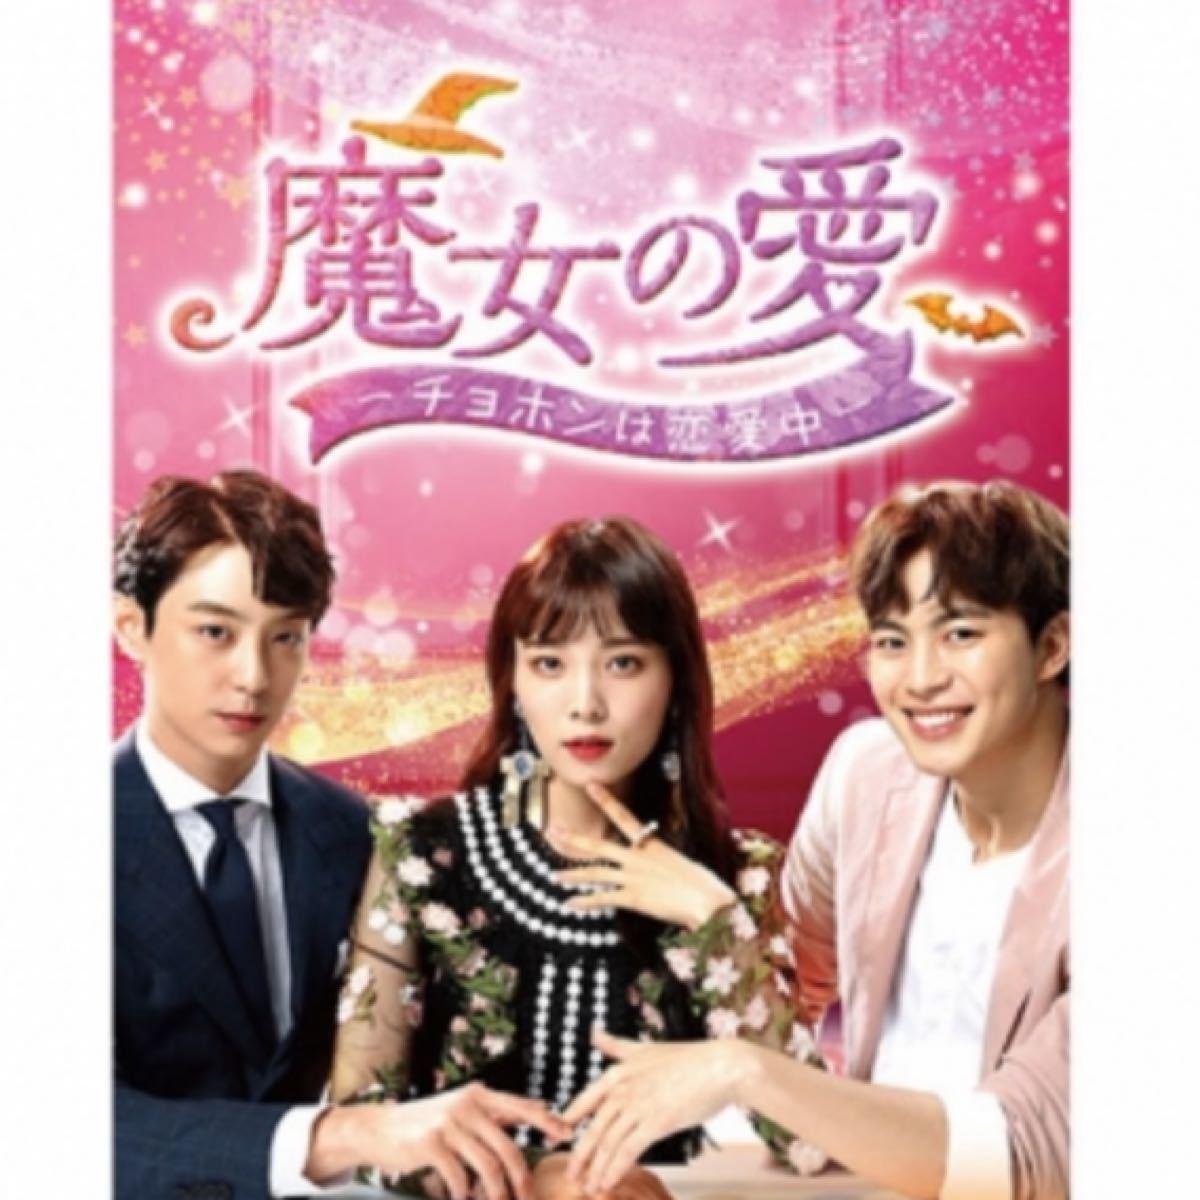 魔女の愛 全話 Blu-ray